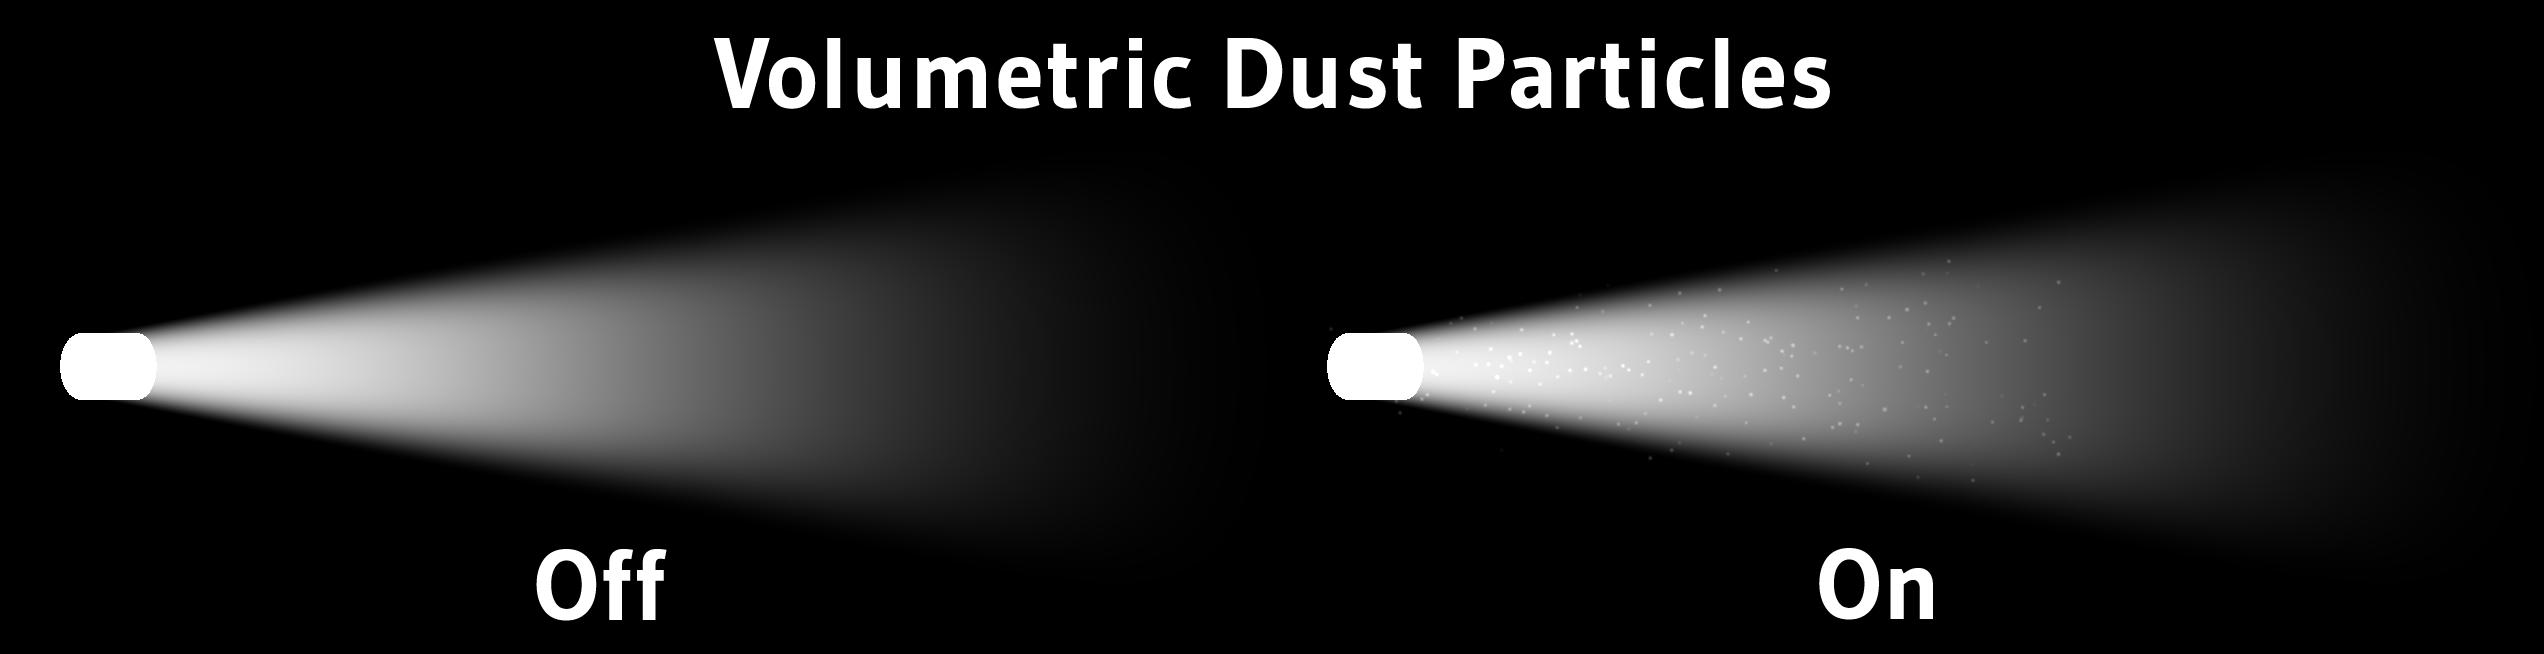 vlb_dustparticles.png